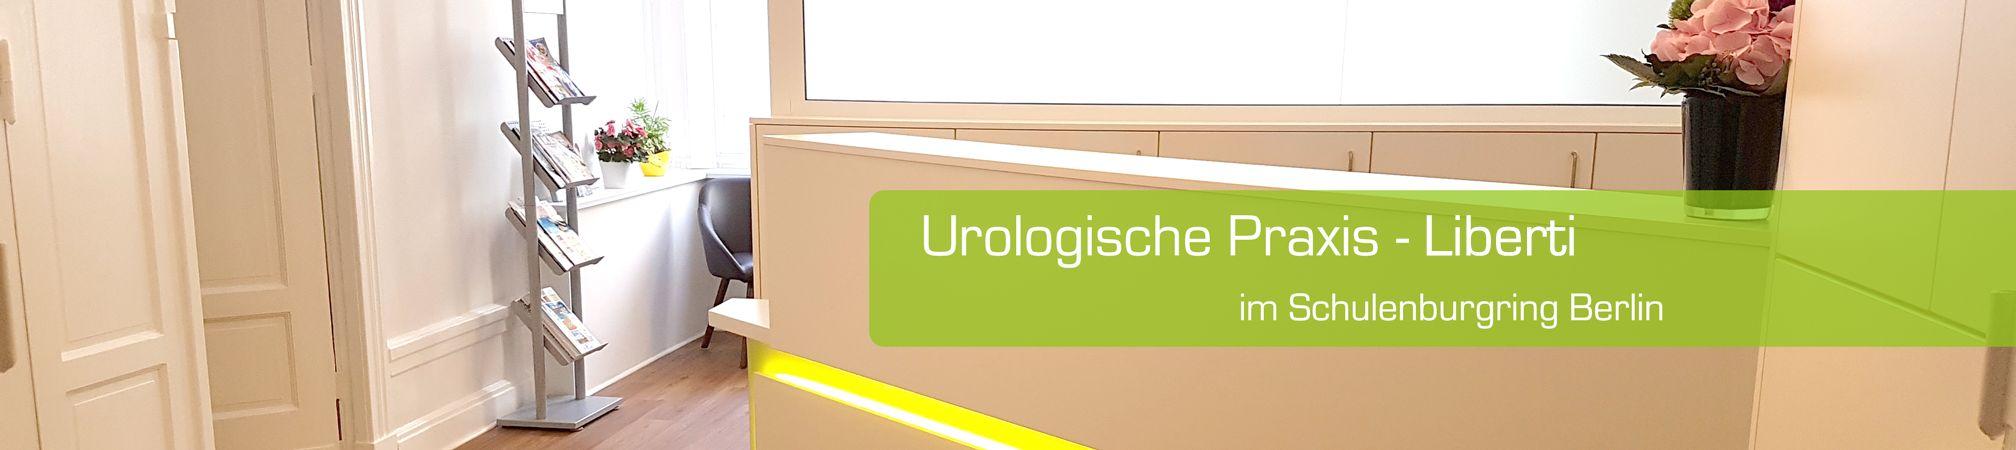 Urologische-Praxis-Berlin